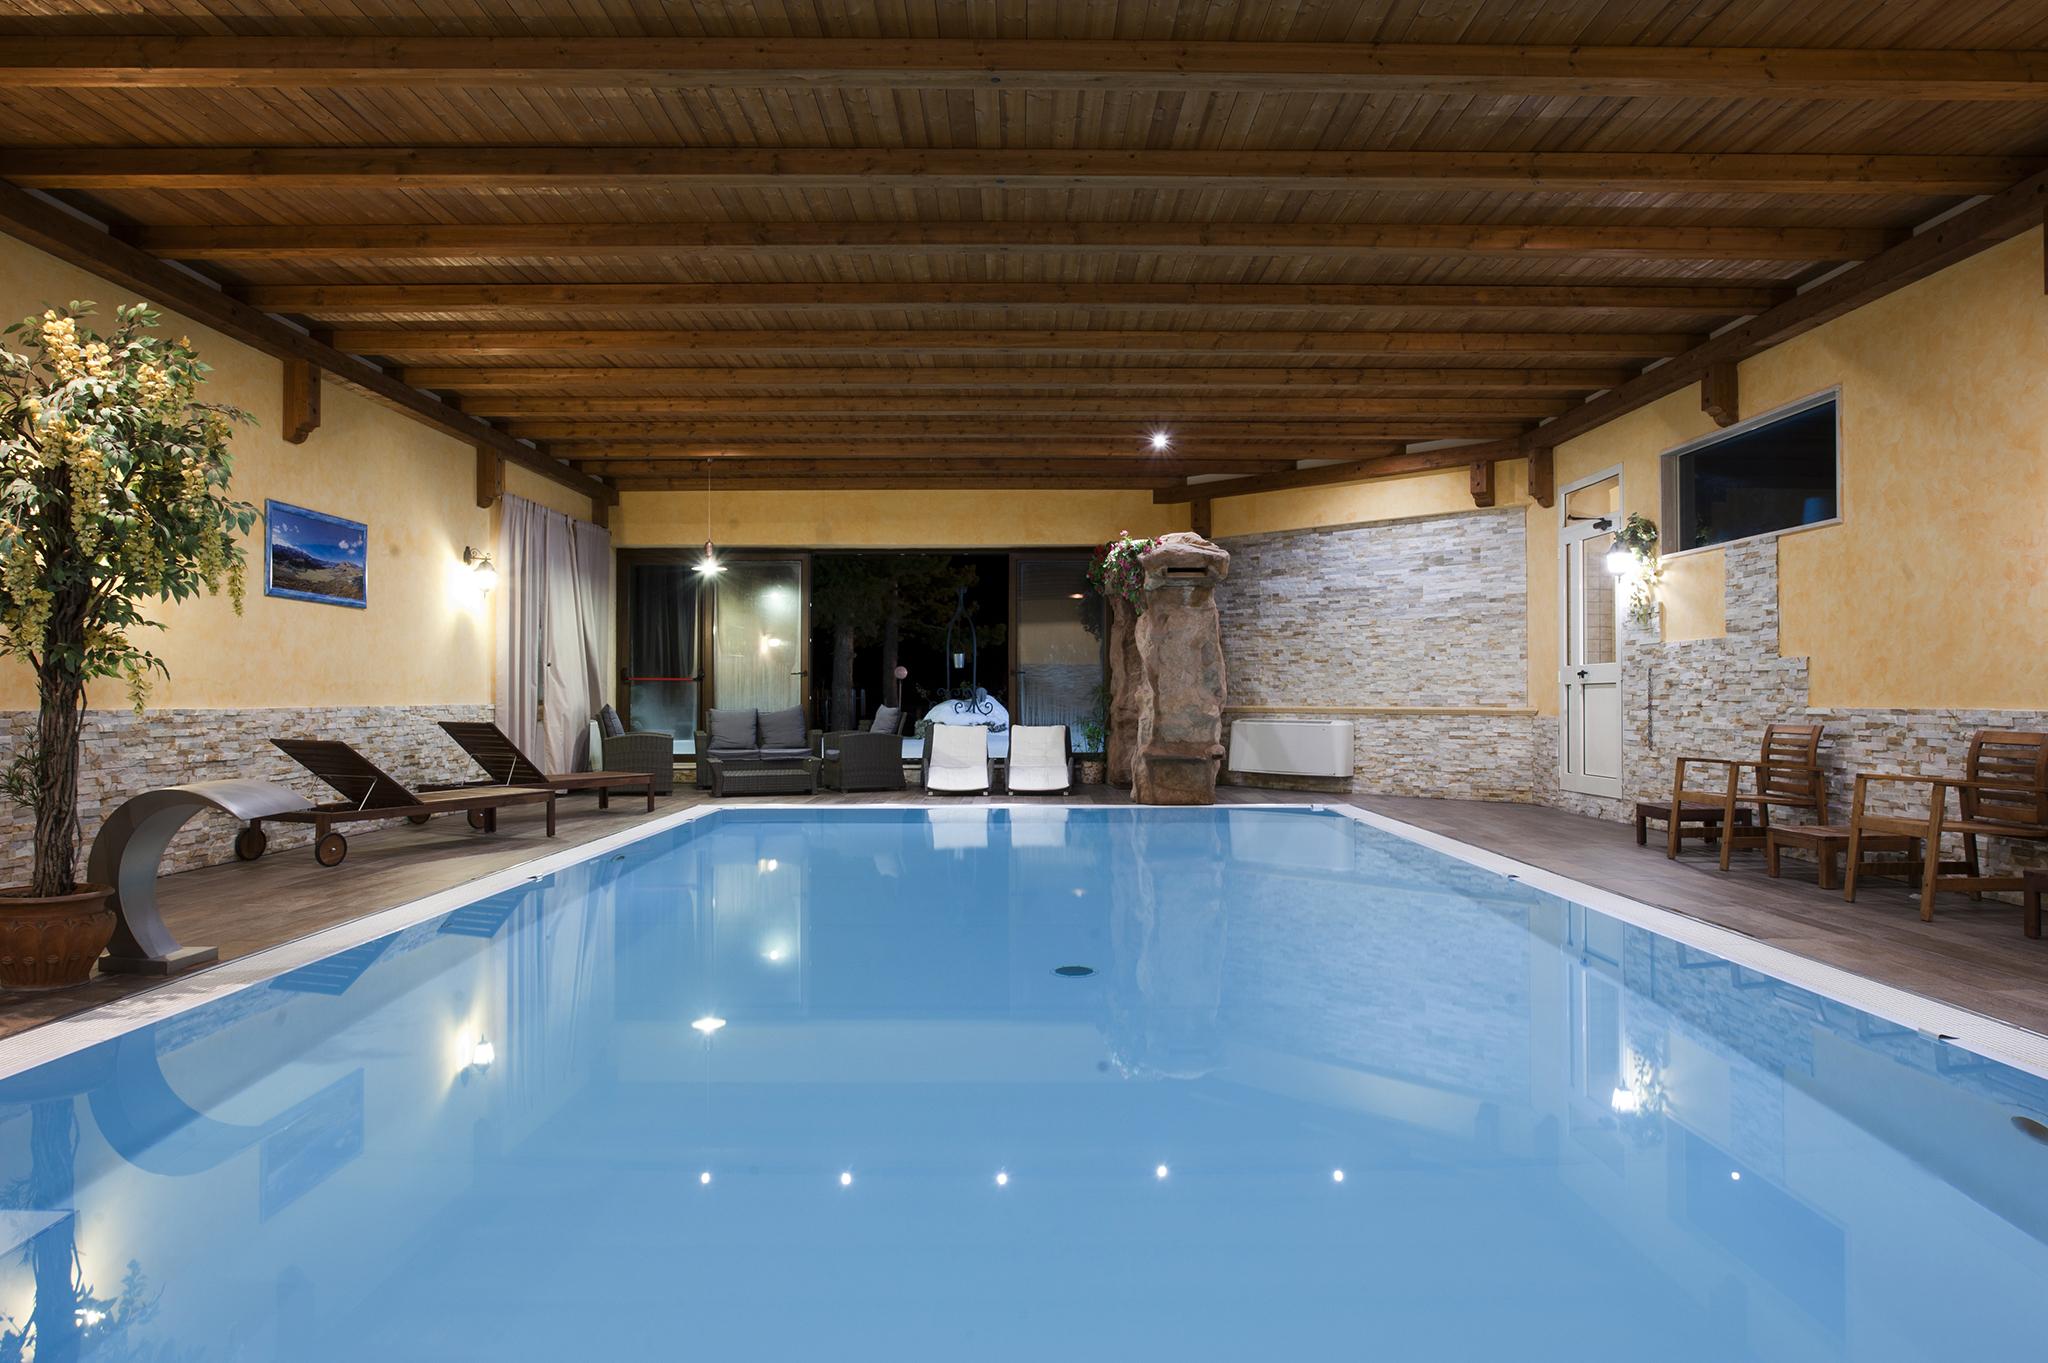 Hotel boschetto hotel ristorante wellness a roccaraso - Hotel con piscina riscaldata montagna ...